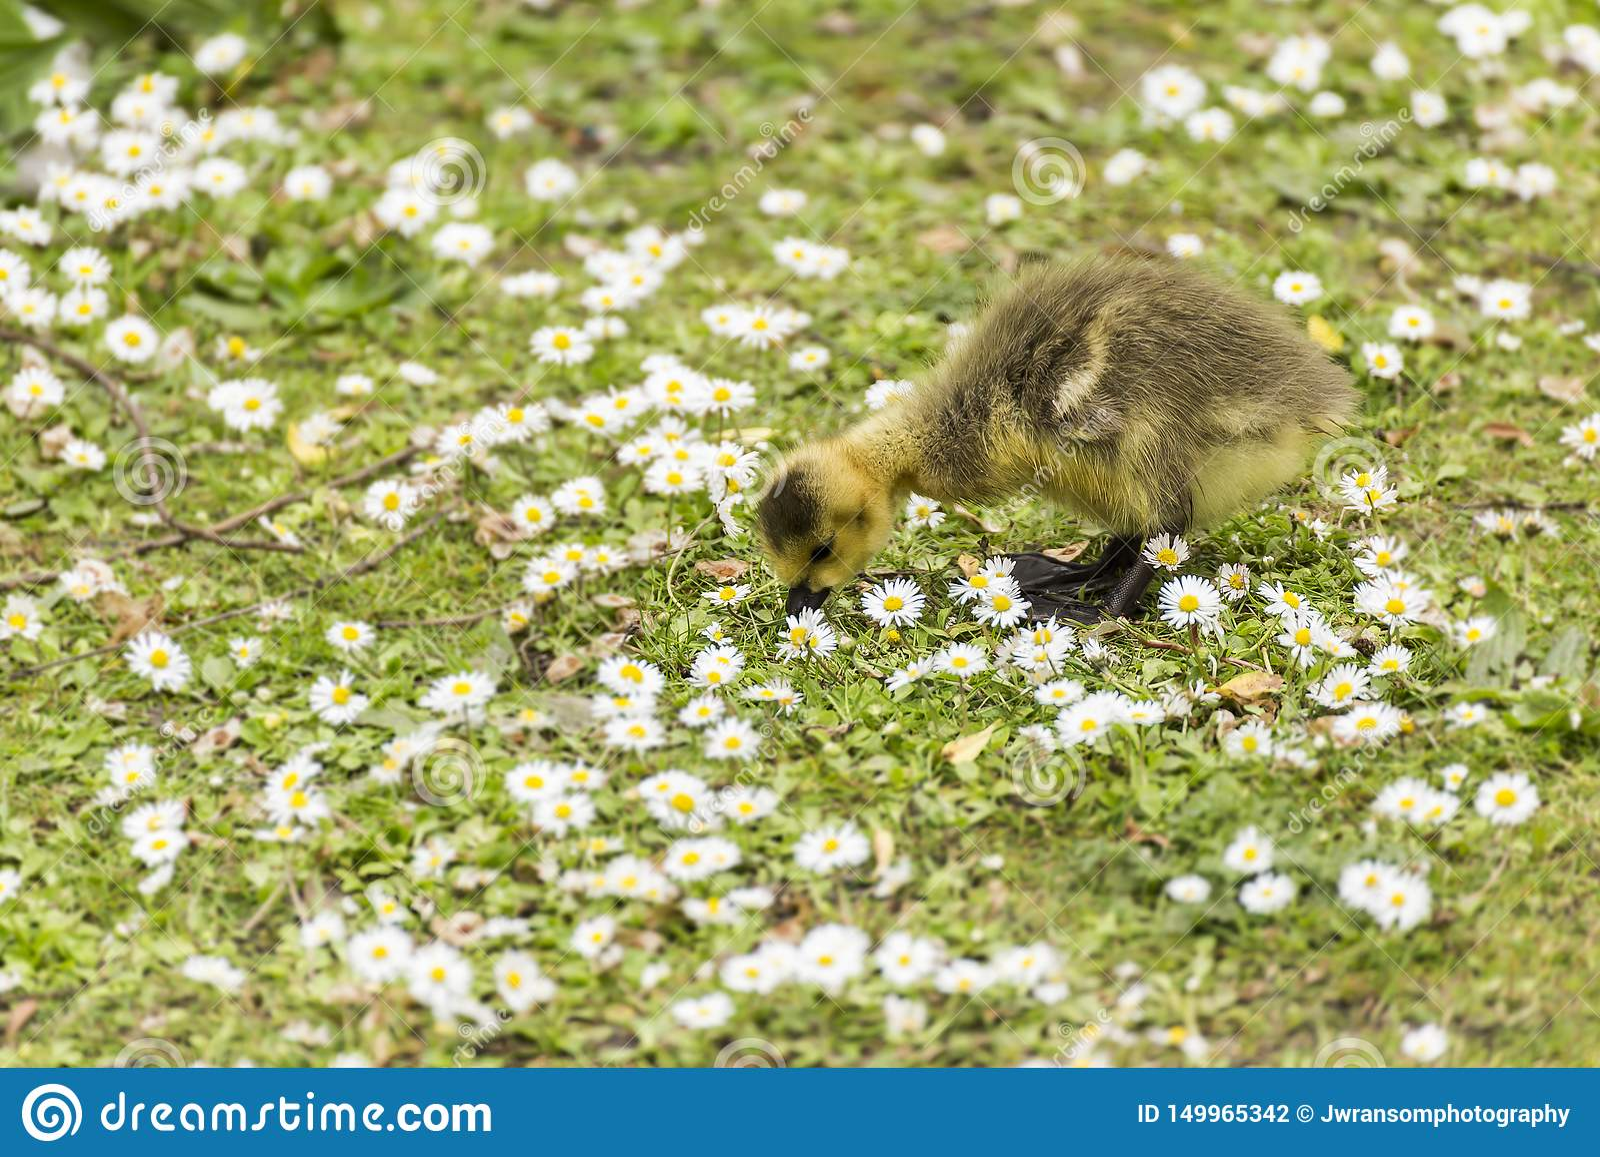 Bebé Gosling que picotea para la comida en la tierra entre un mar de margaritas